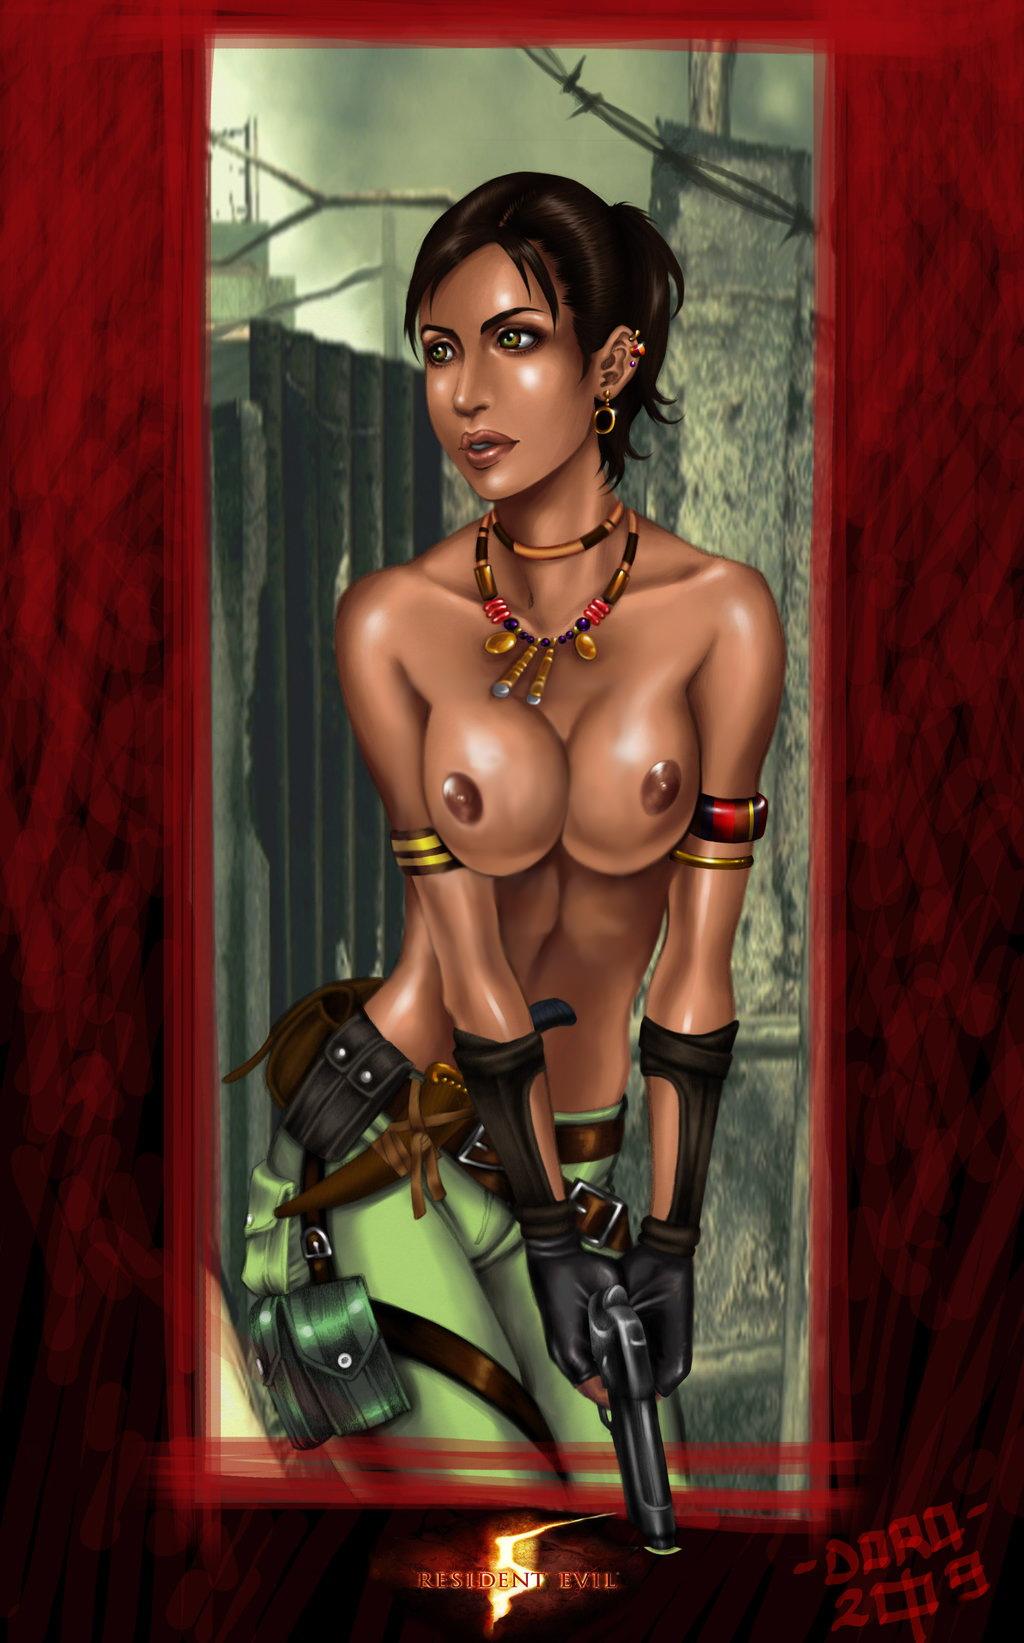 Porno da sheva alomar nsfw galleries